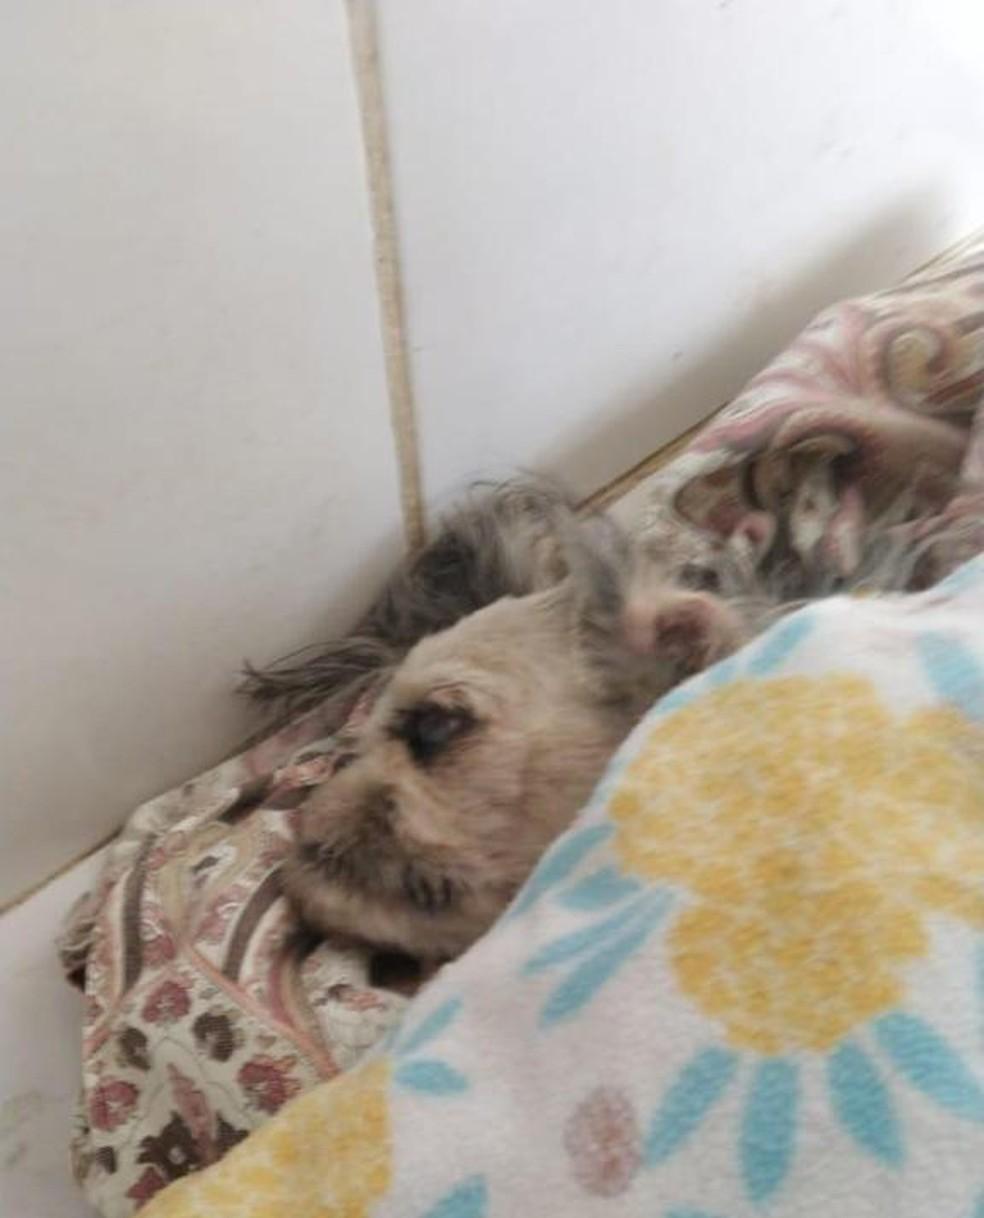 Lilica conseguiu proteger a dona do ataque de um pitbull, mas morreu durante a recuperação depois de ter uma parada cardíaca em Bauru (SP) — Foto: Arquivo pessoal/ Thaynara Milano